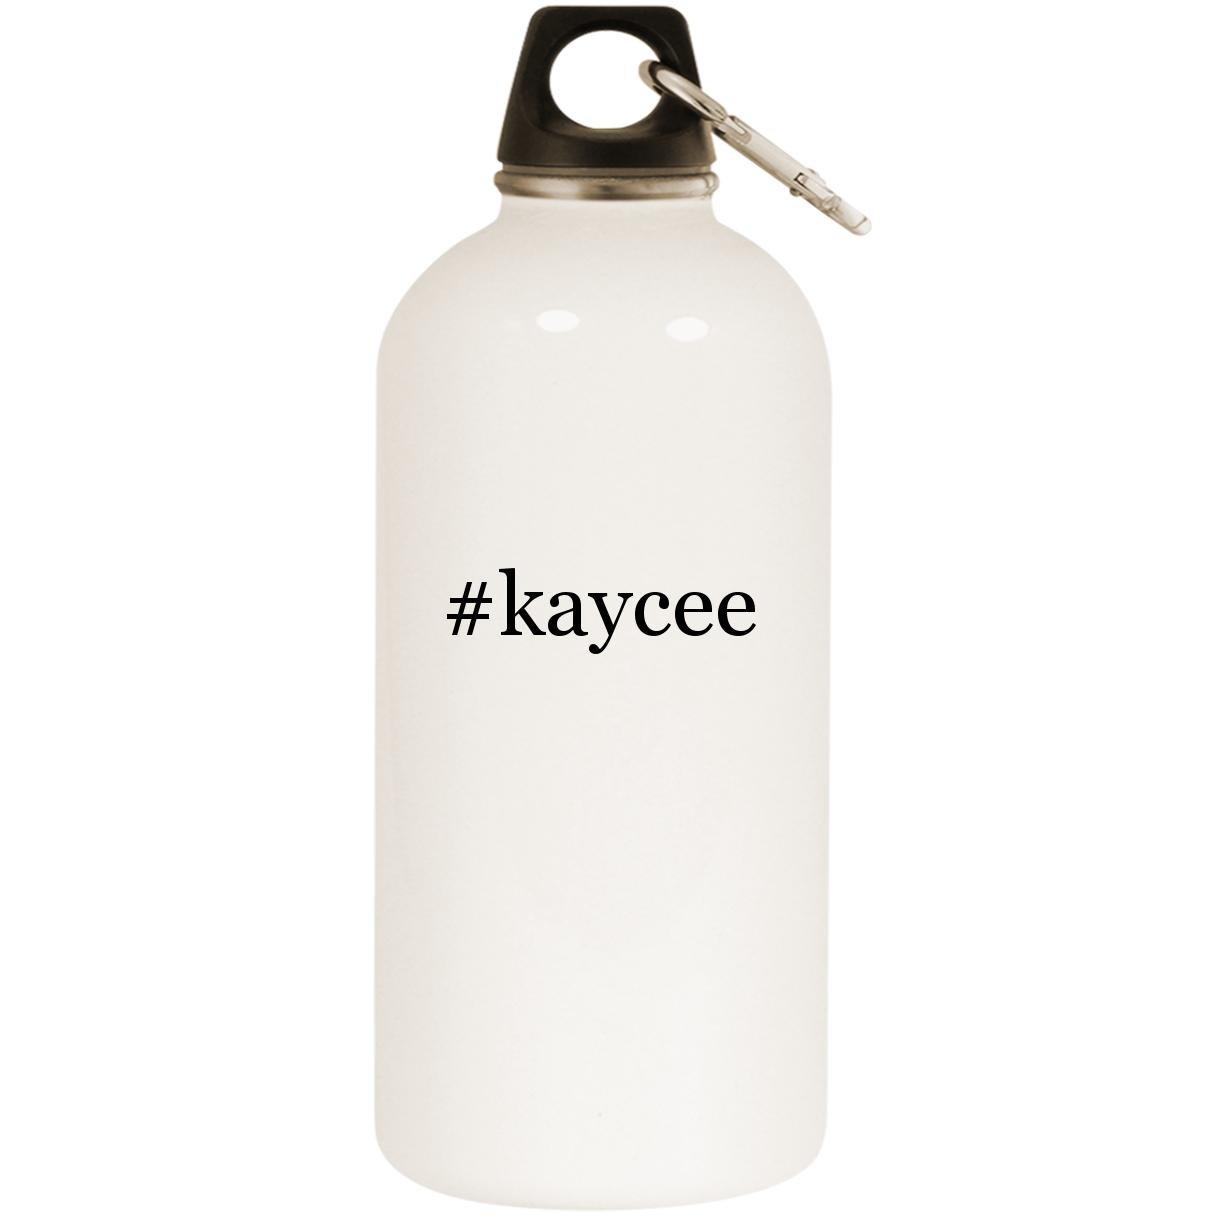 # kaycee – ホワイトハッシュタグ20ozステンレススチールウォーターボトルカラビナ B0741VNDDK